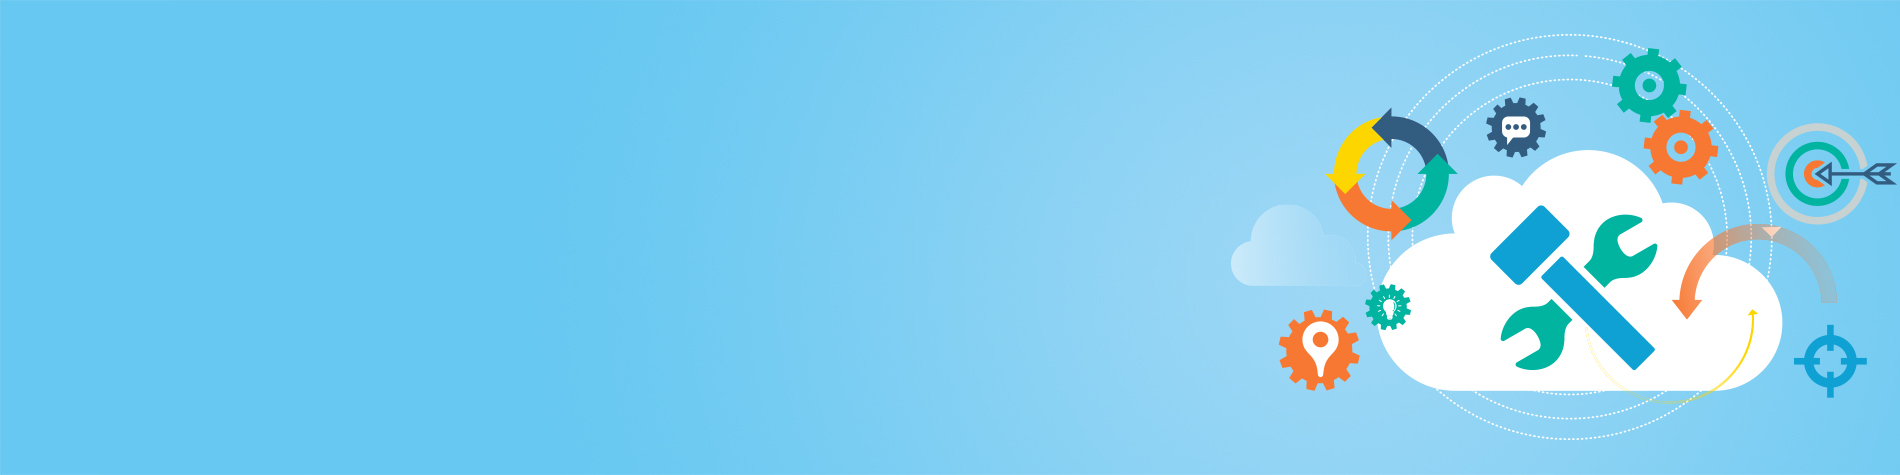 【最新案例】助力福耀玻璃上云 IBM为智慧工业指明道路